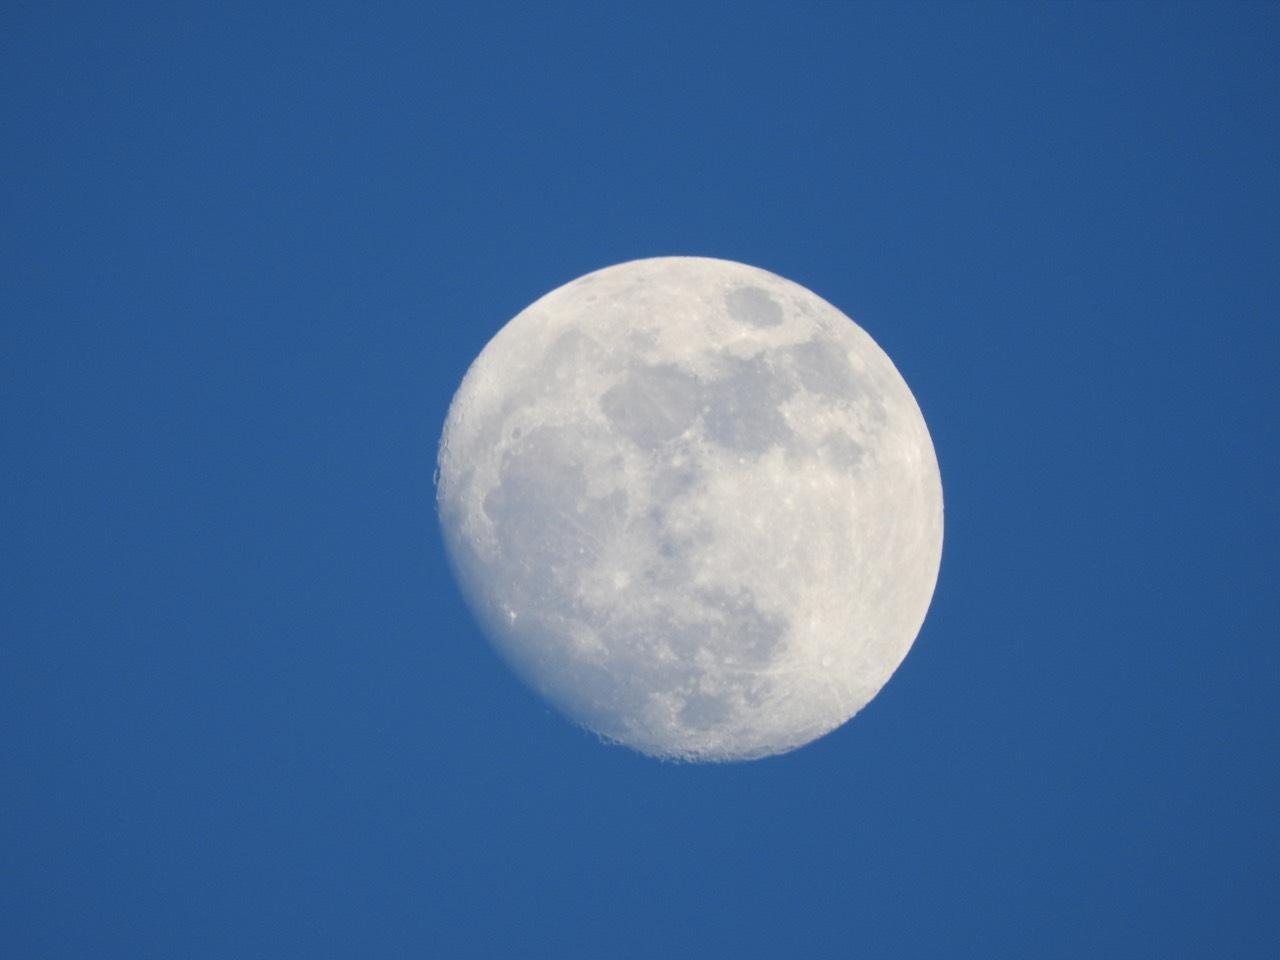 lune-dans-ciel-bleu